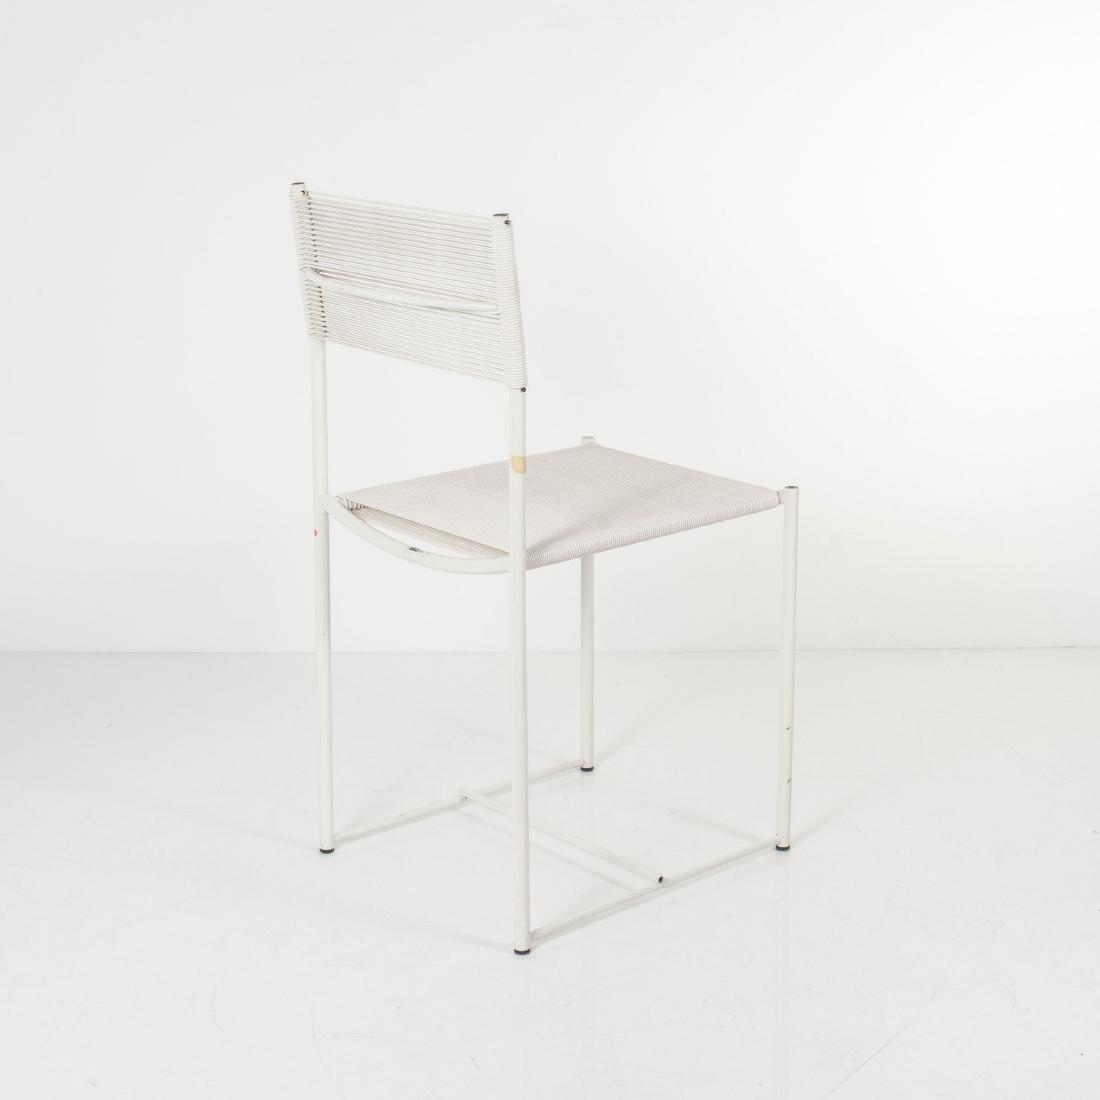 'Spaghetti chair', 1979 - 5